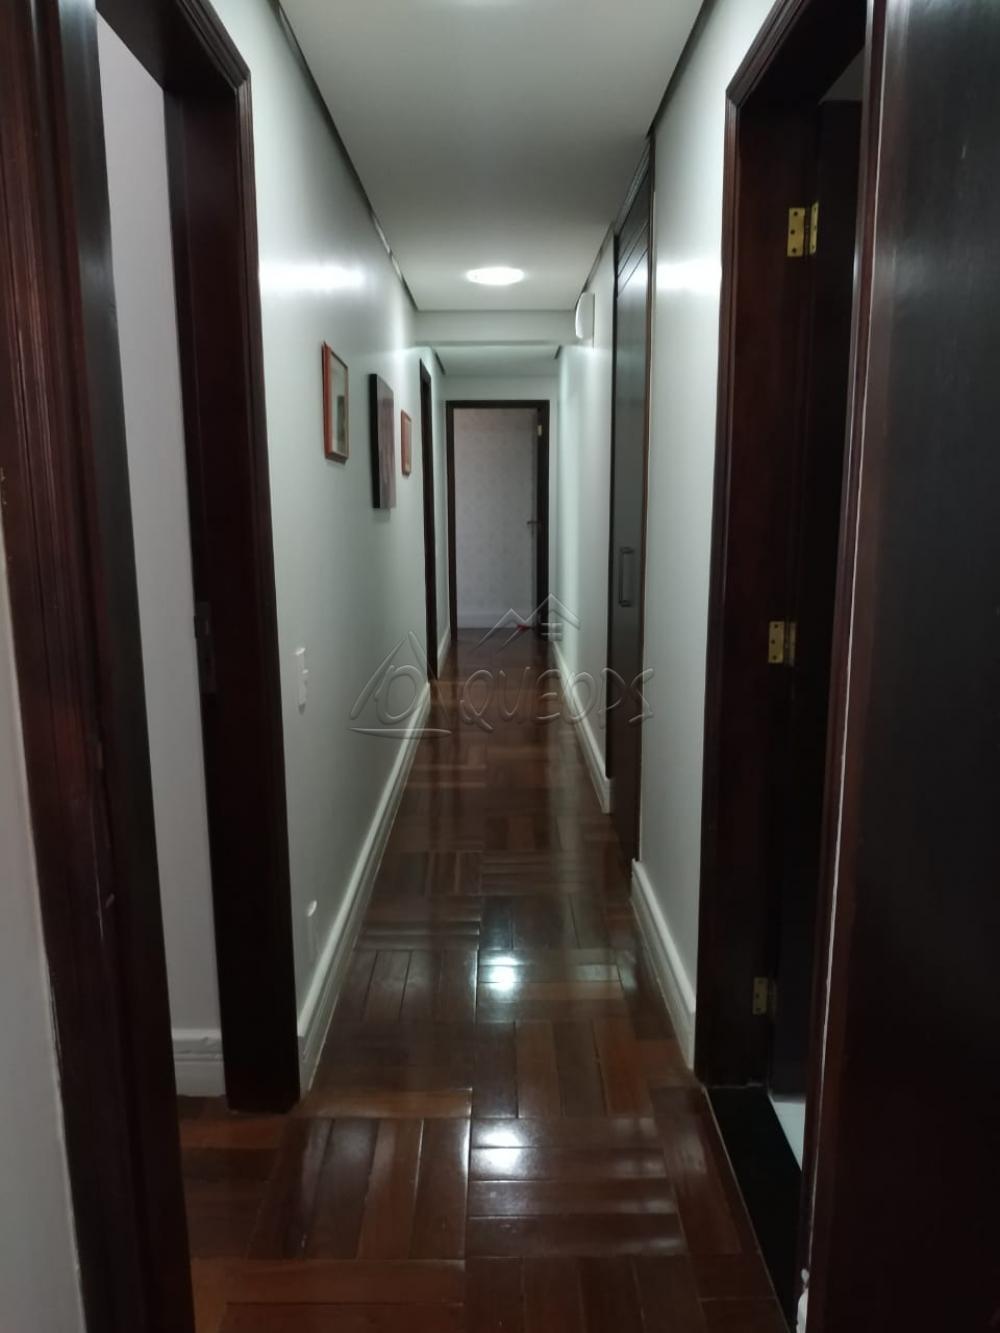 Comprar Apartamento / Padrão em Barretos apenas R$ 1.200.000,00 - Foto 10